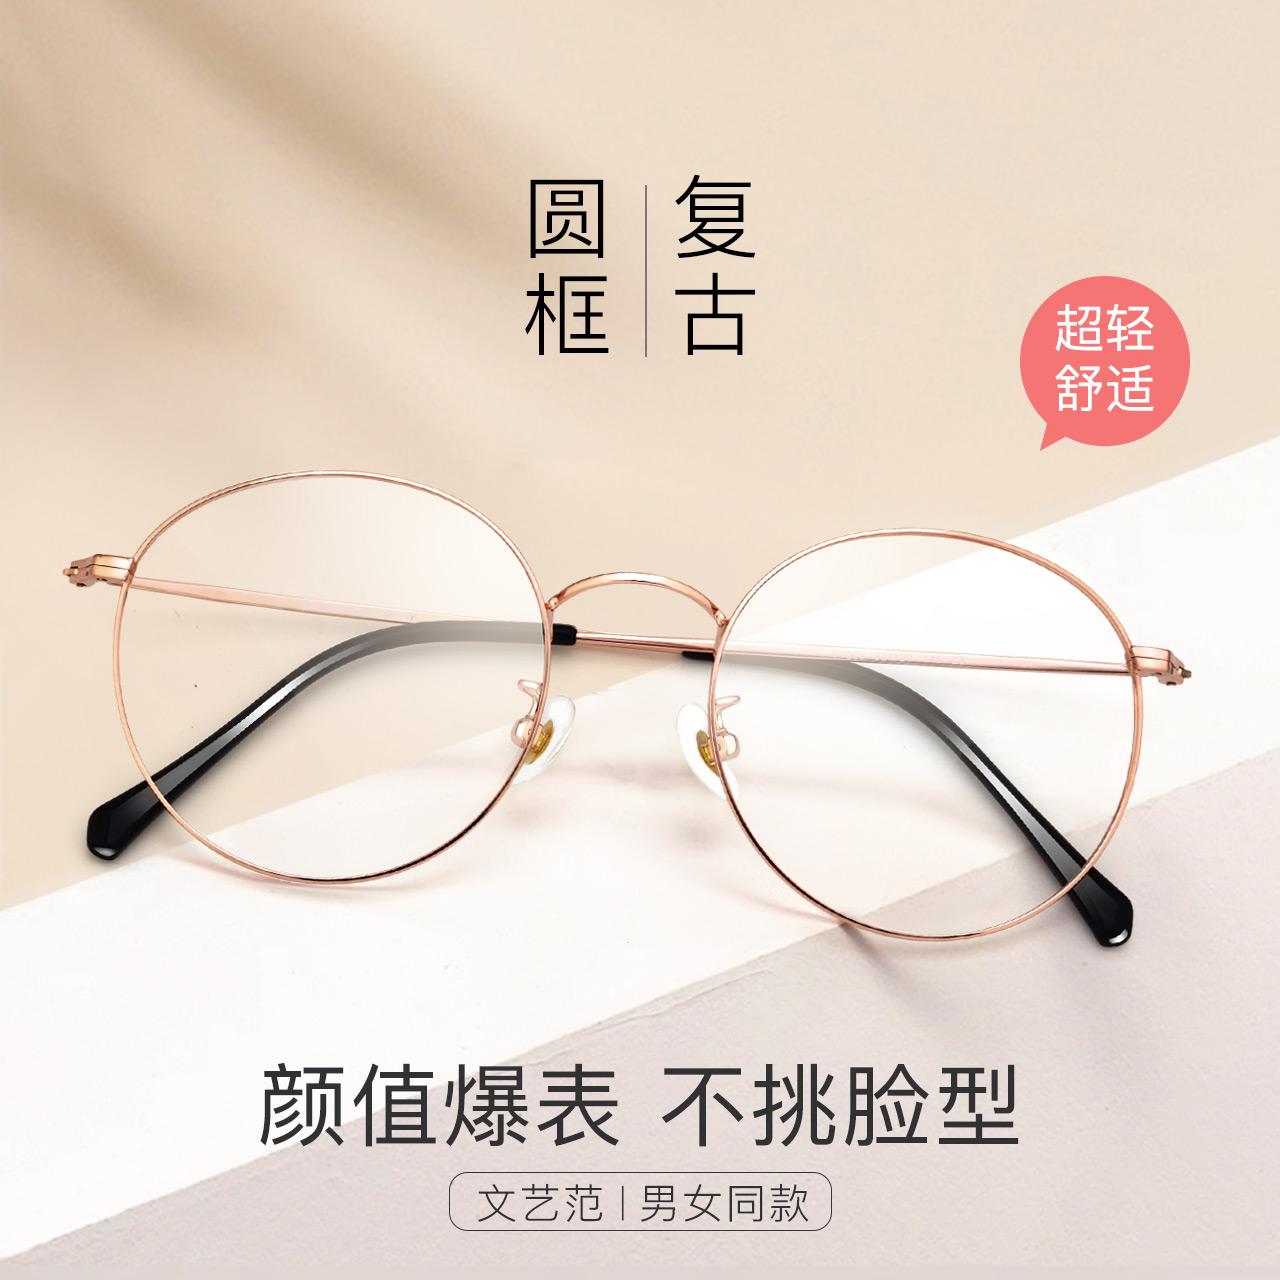 乐申复古眼镜女文艺韩版潮网红镜框可配度数防蓝光大圆框近视眼镜